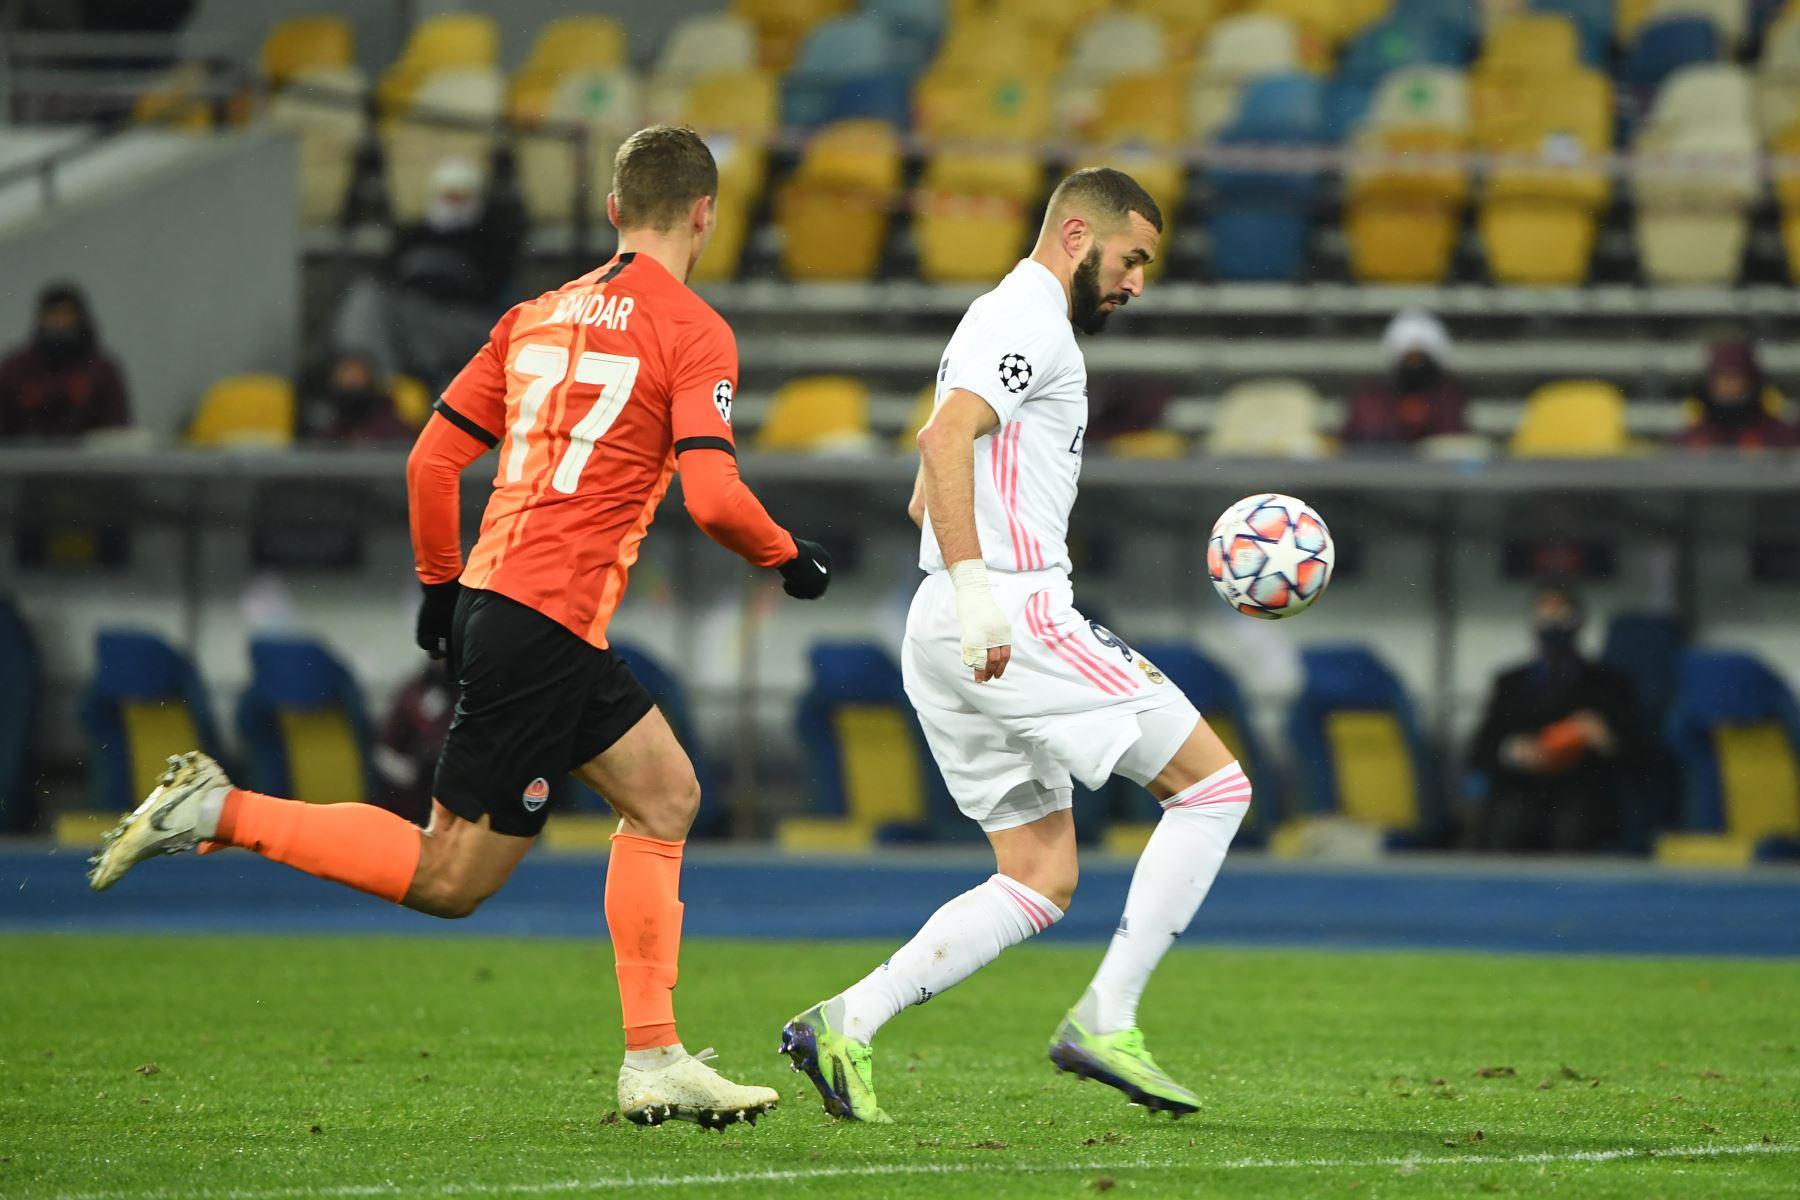 El delantero francés del Real Madrid, Karim Benzema, es desafiado por el defensa ucraniano del Shakhtar Donetsk, Valeriy Bondar, durante el partido de fútbol del Grupo B de la Liga de Campeones de la UEFA. Foto: AFP